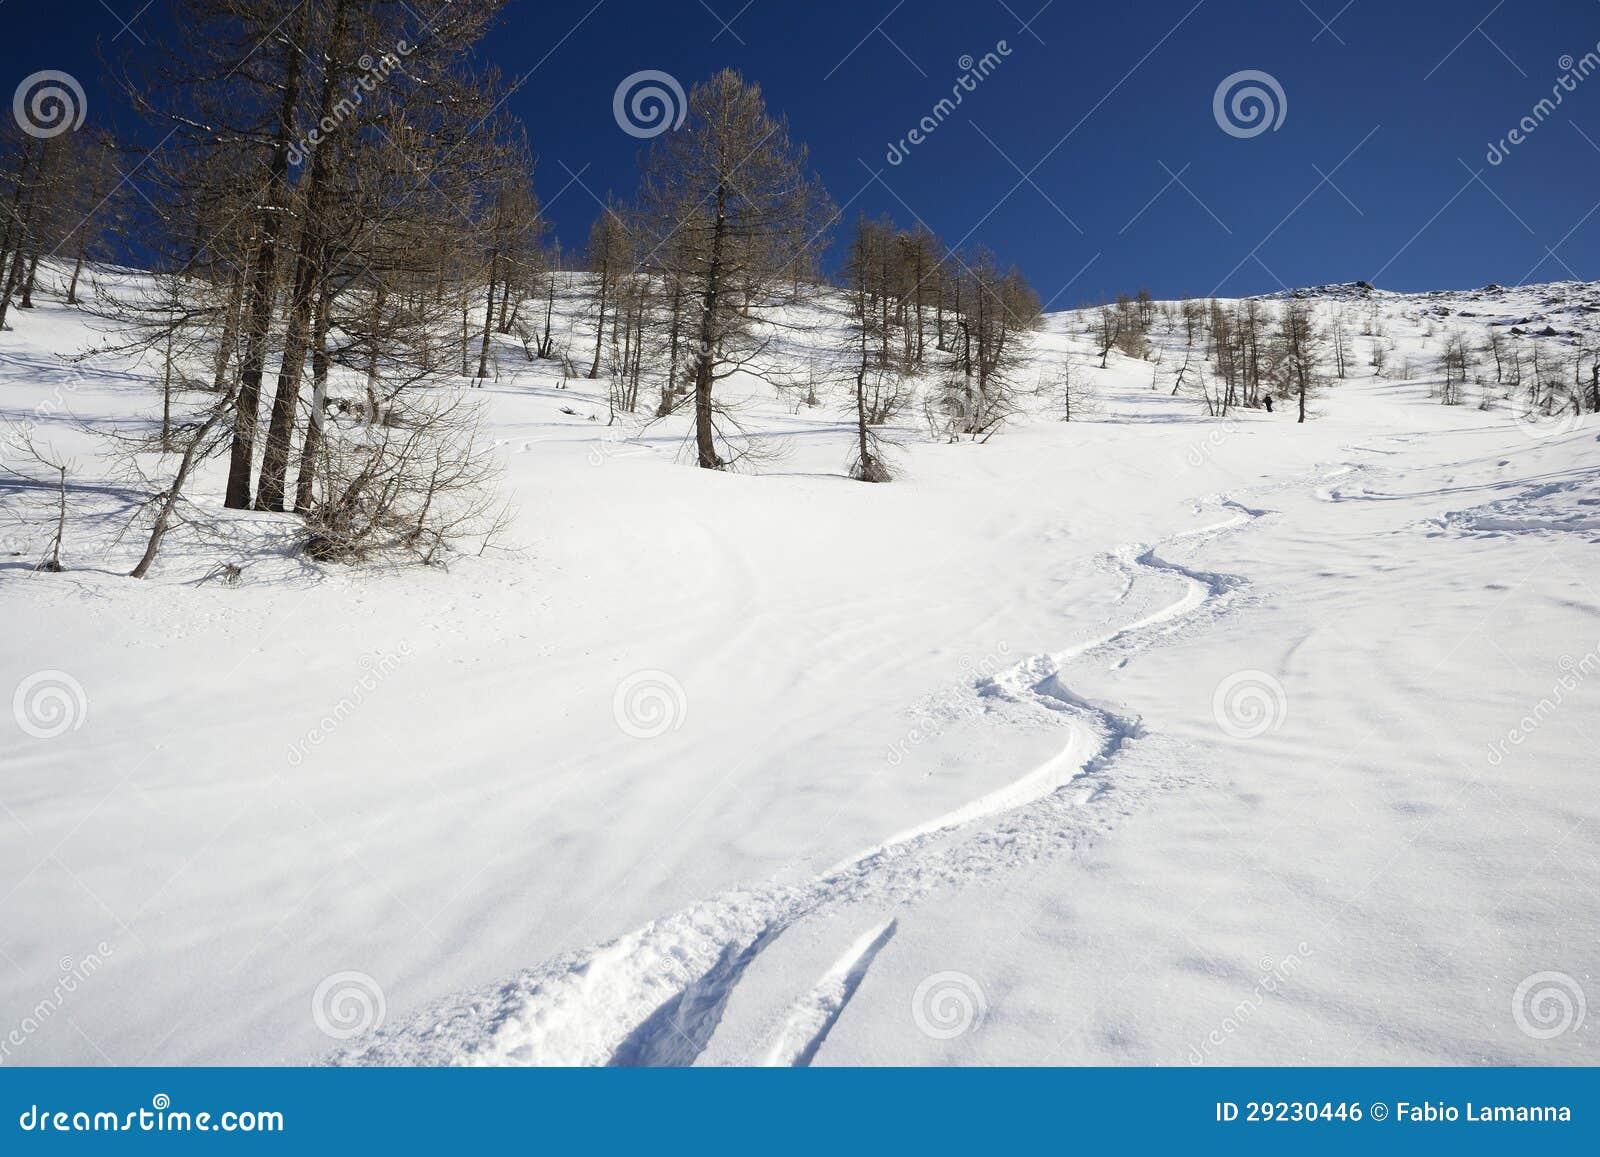 Download Visita do esqui foto de stock. Imagem de piedmont, liberdade - 29230446